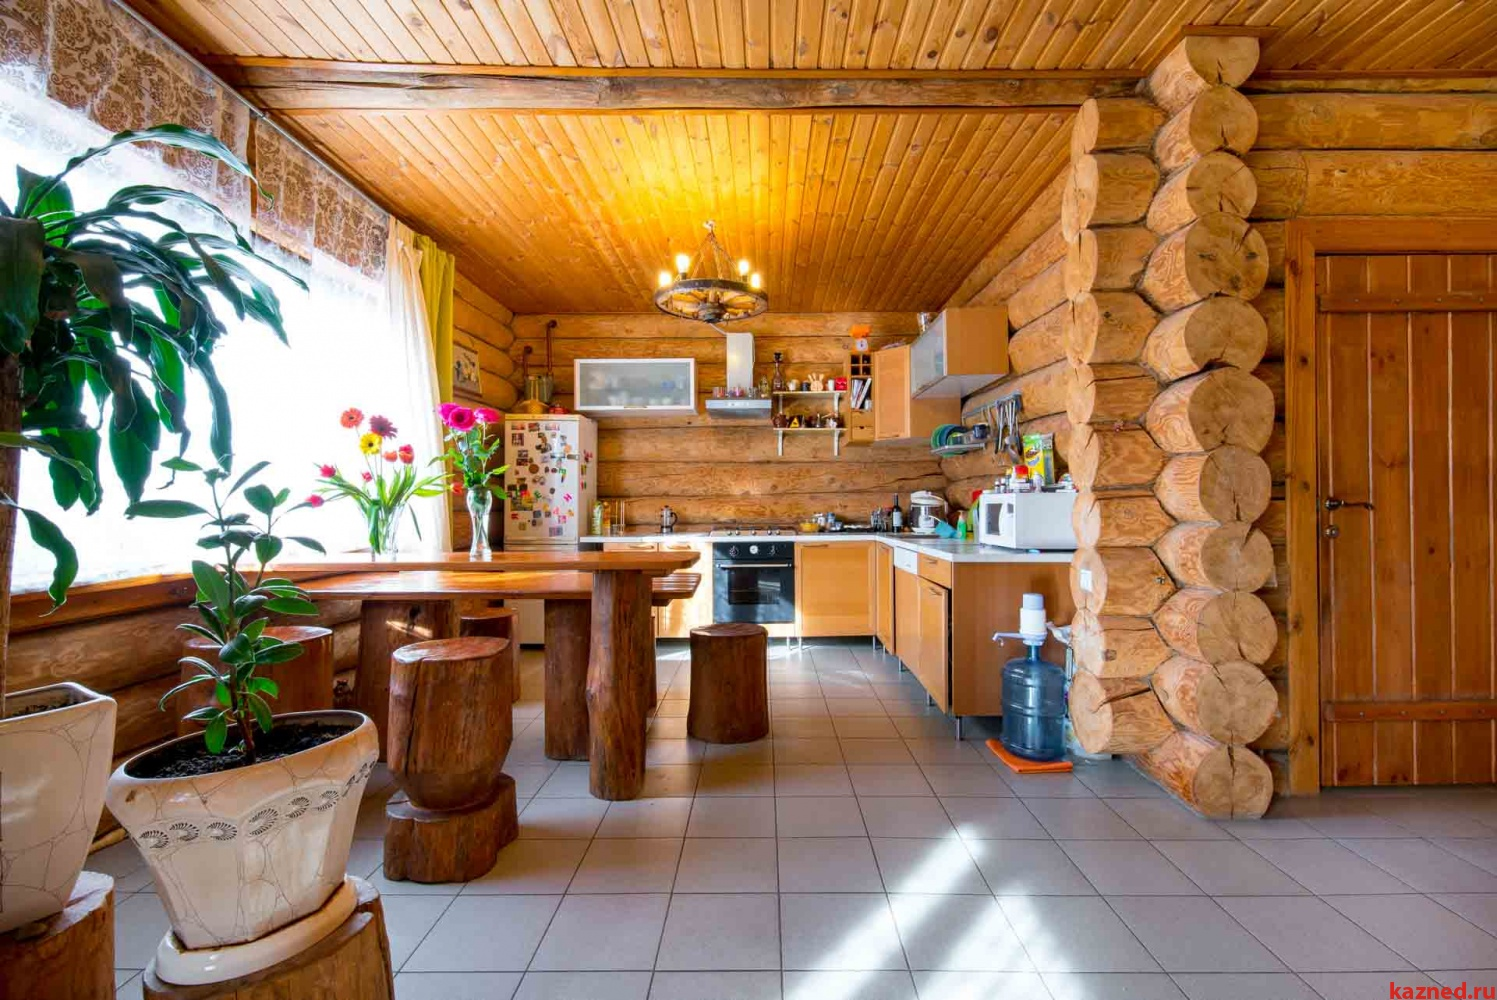 Продажа  Дома Зеленая д.13 пос. Новая Сосновка, 187 м2  (миниатюра №7)